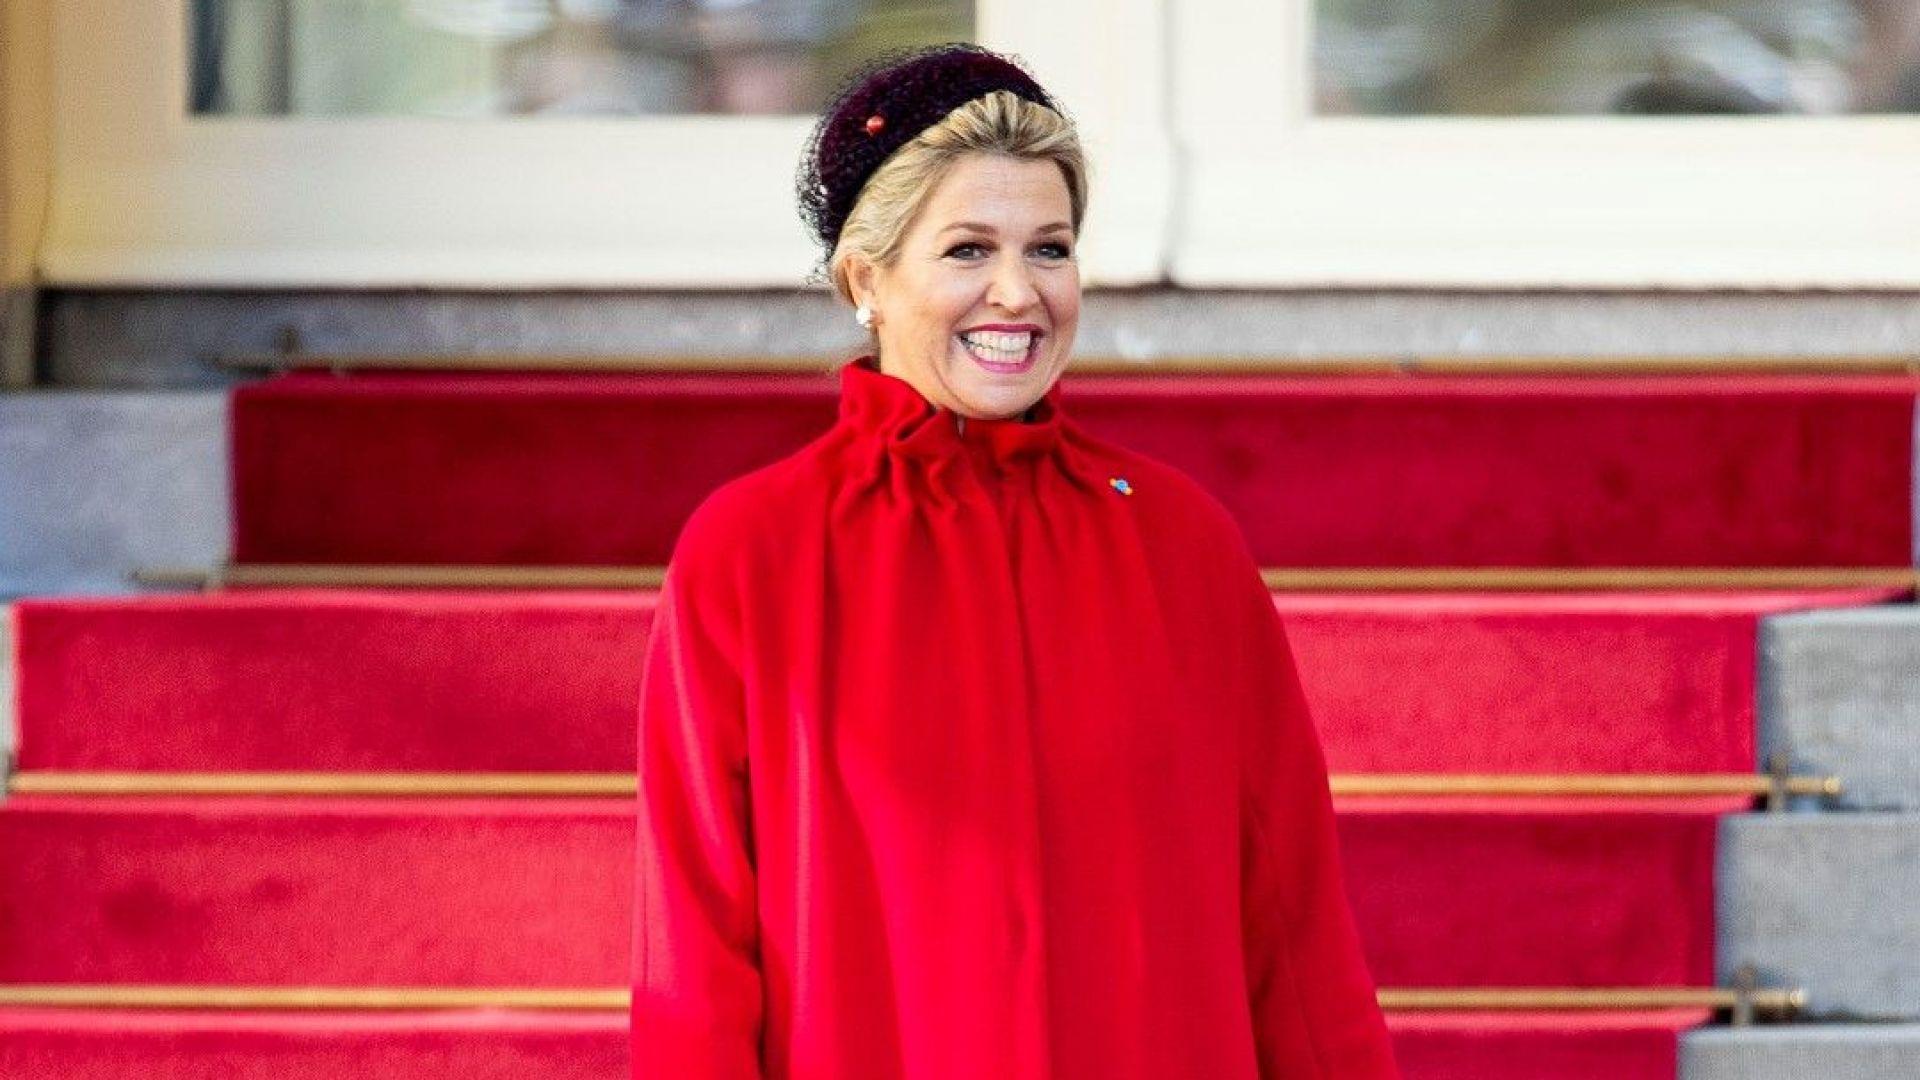 Максима посрещна полския президент и съпругата му като червената шапчица